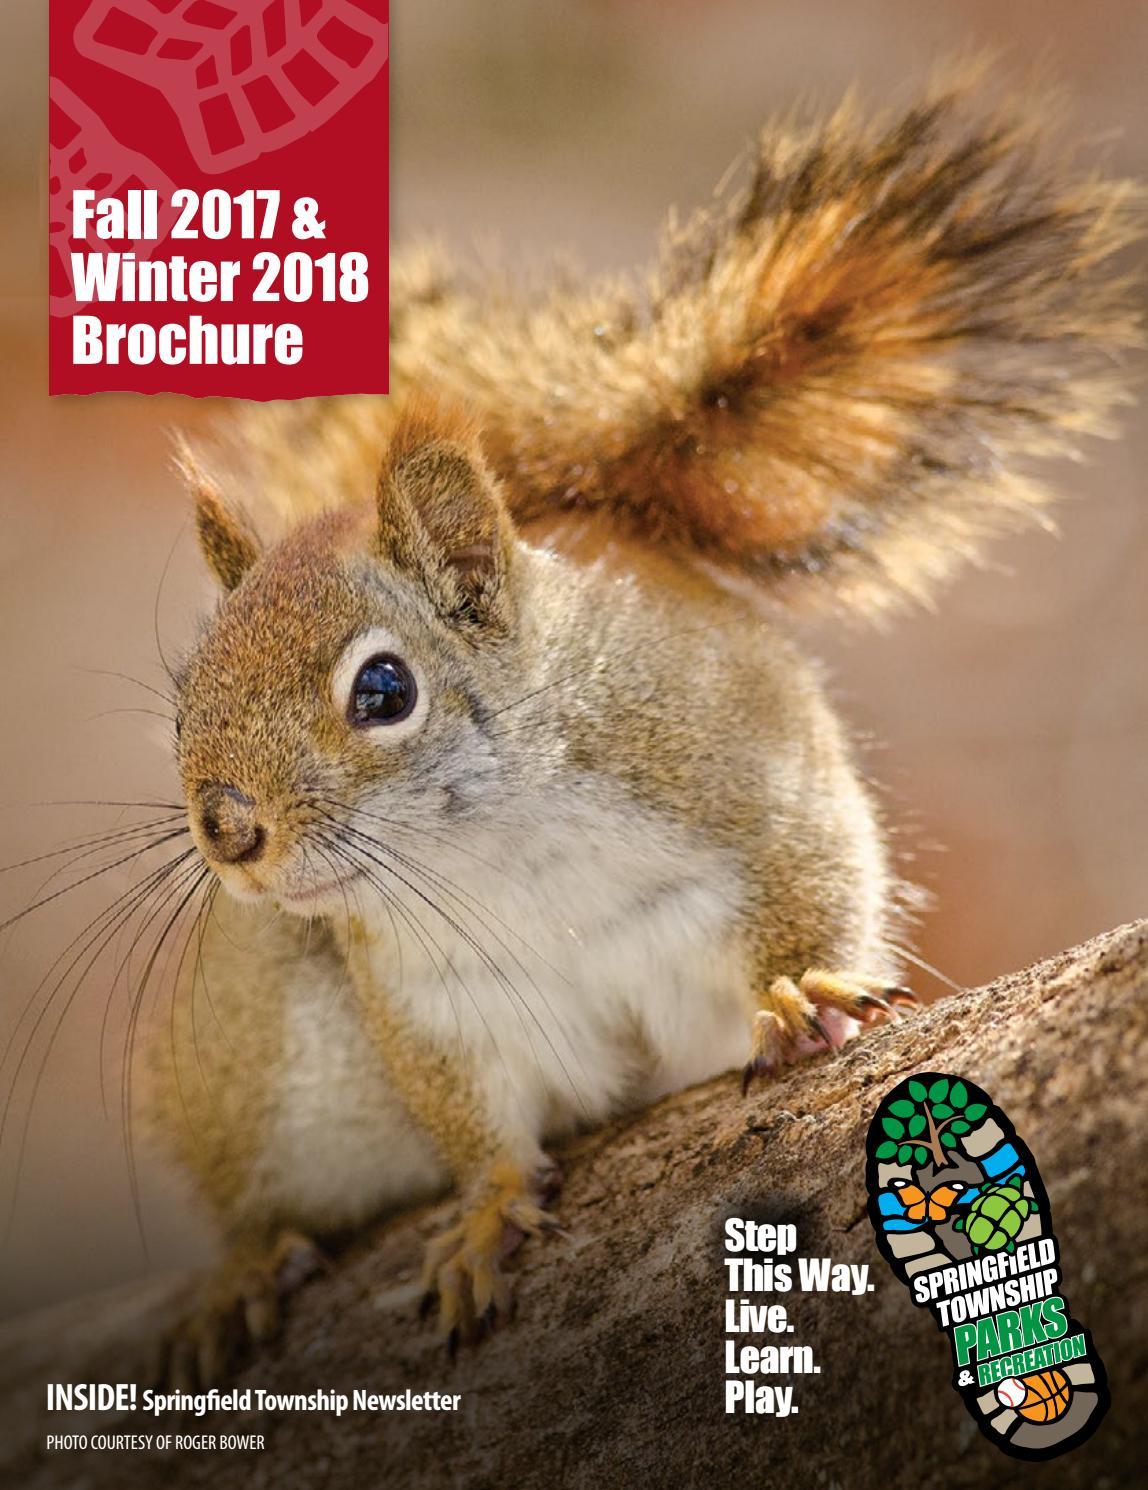 aurora recreation guide fall 2017